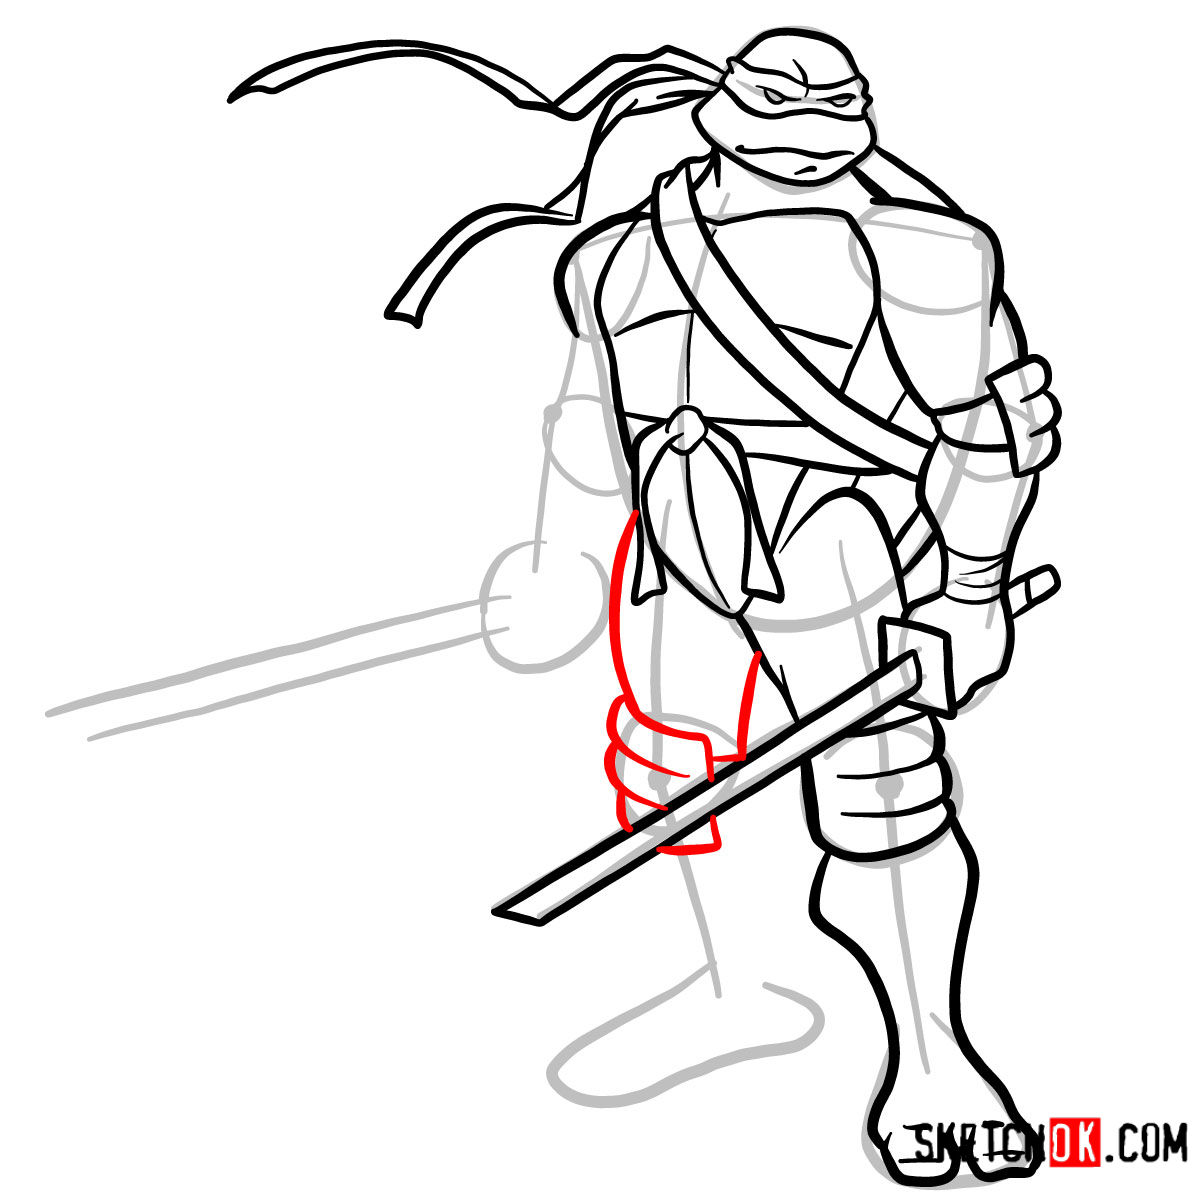 How to draw Leonardo with Ninjatos | TMNT - step 11